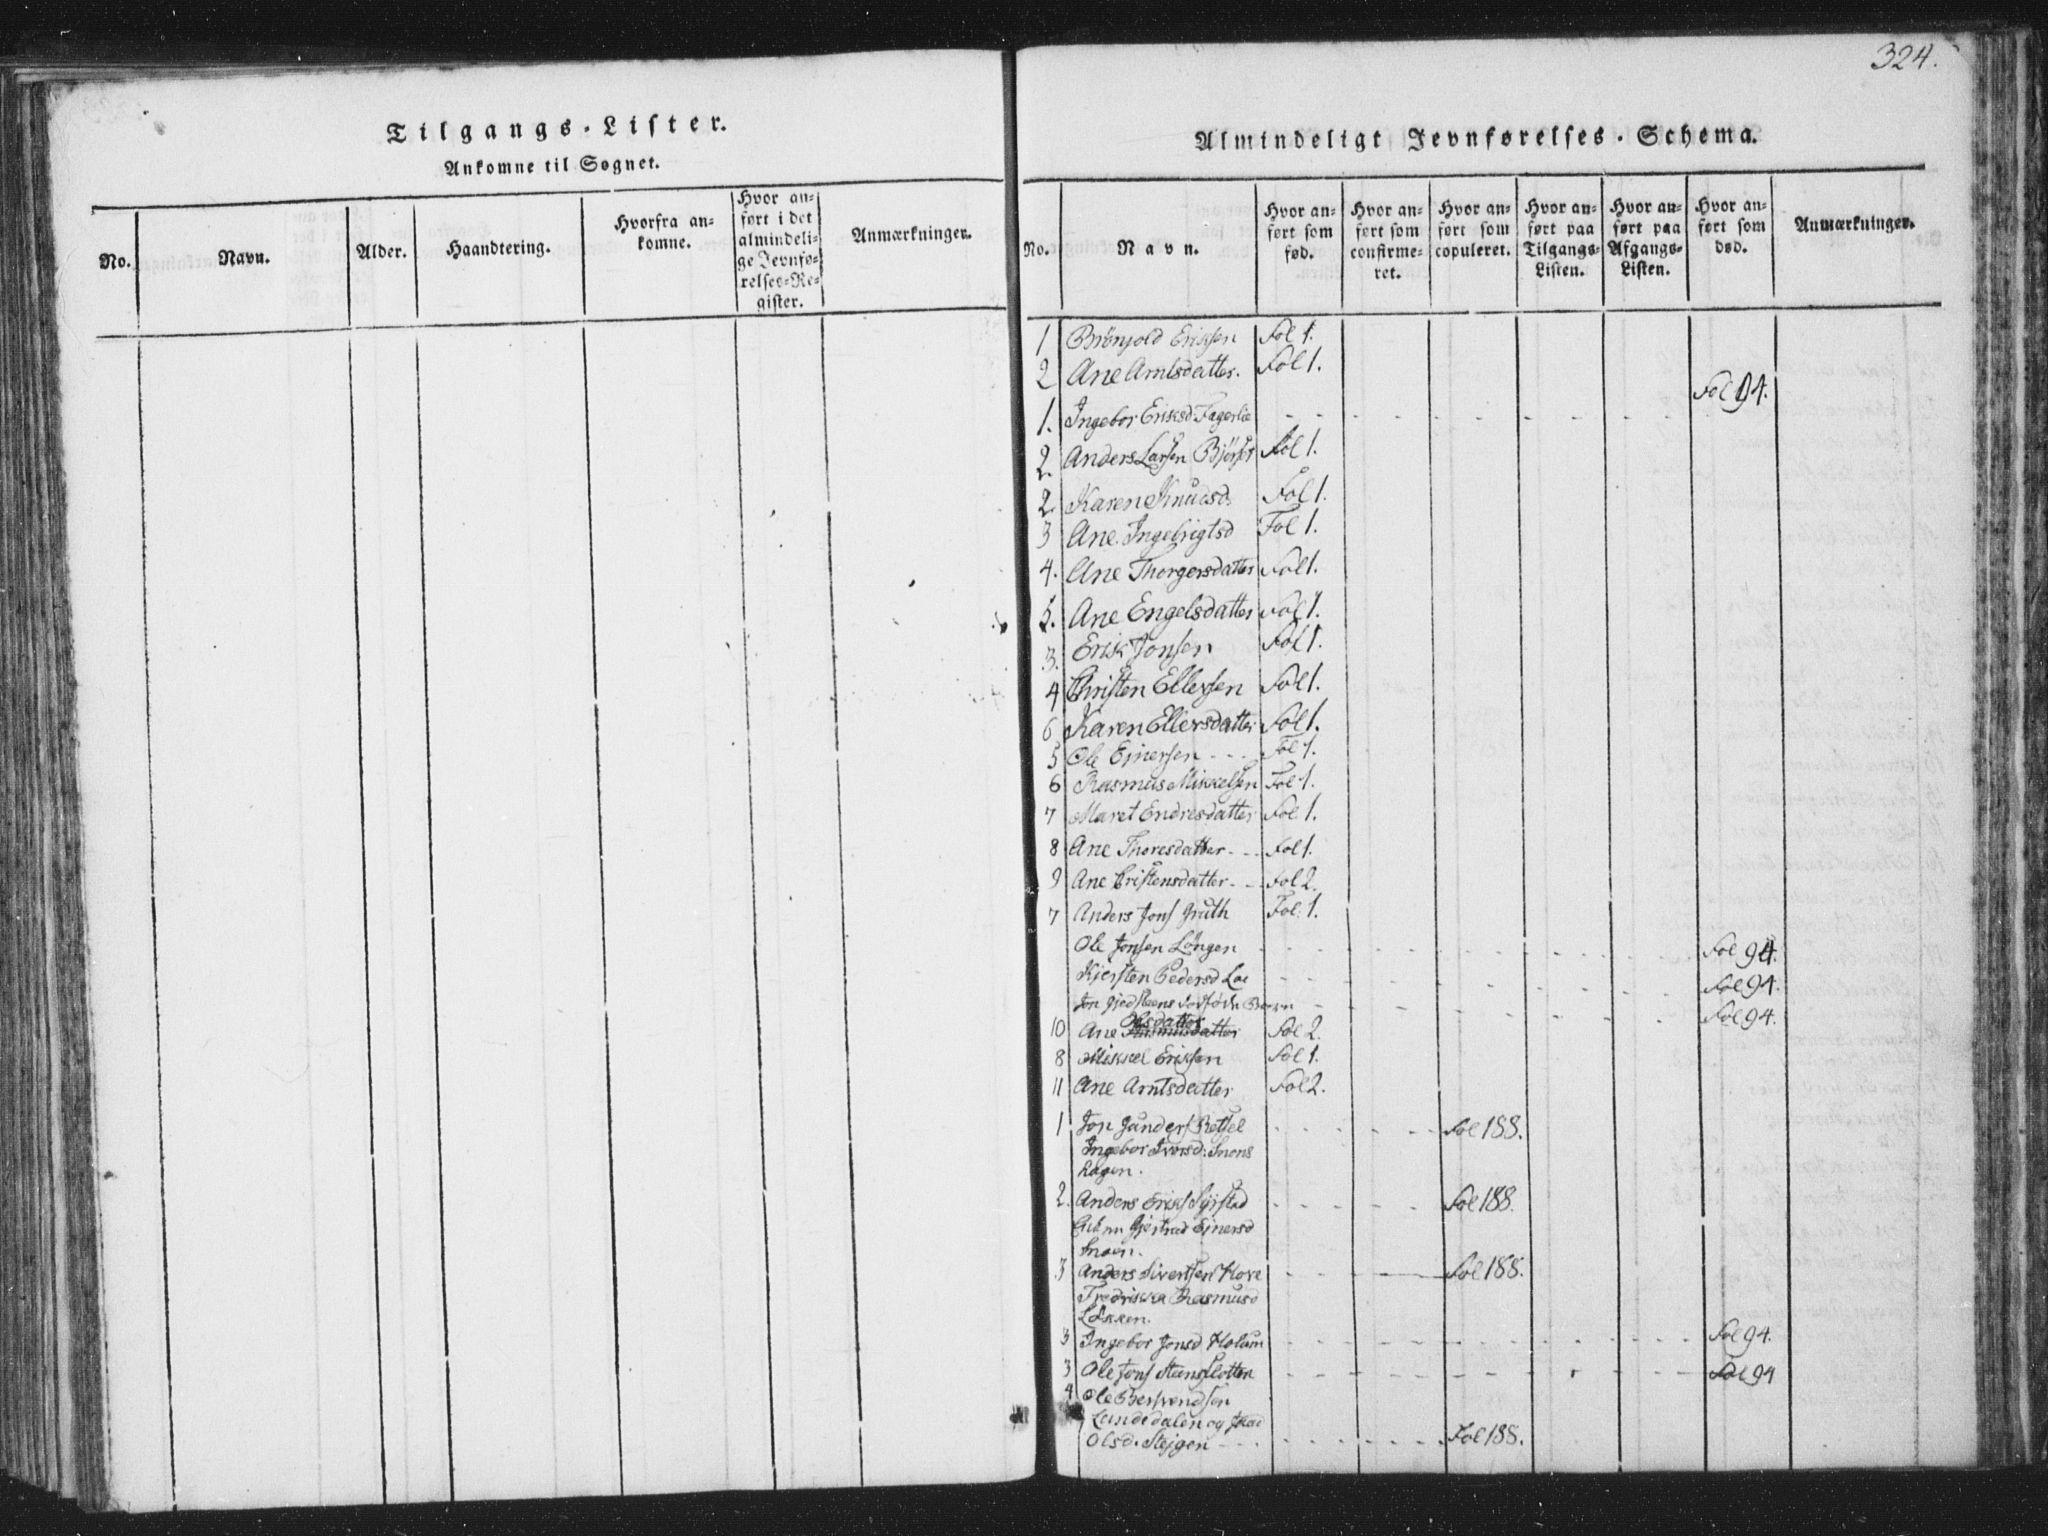 SAT, Ministerialprotokoller, klokkerbøker og fødselsregistre - Sør-Trøndelag, 672/L0862: Klokkerbok nr. 672C01, 1816-1831, s. 324